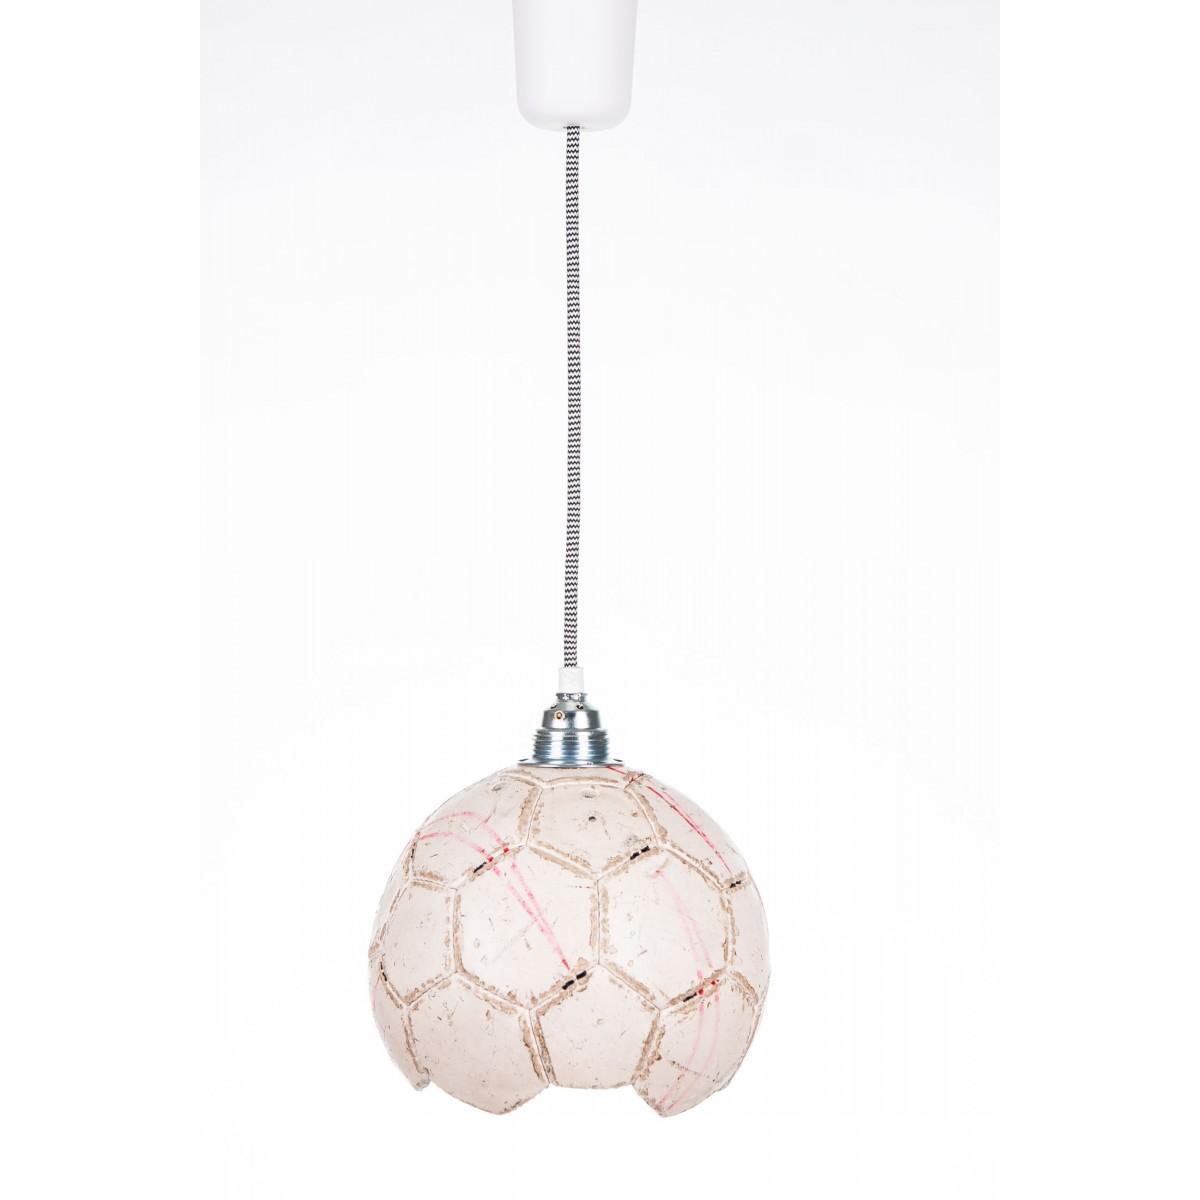 karolchicks Fussball Lampe Upcycling